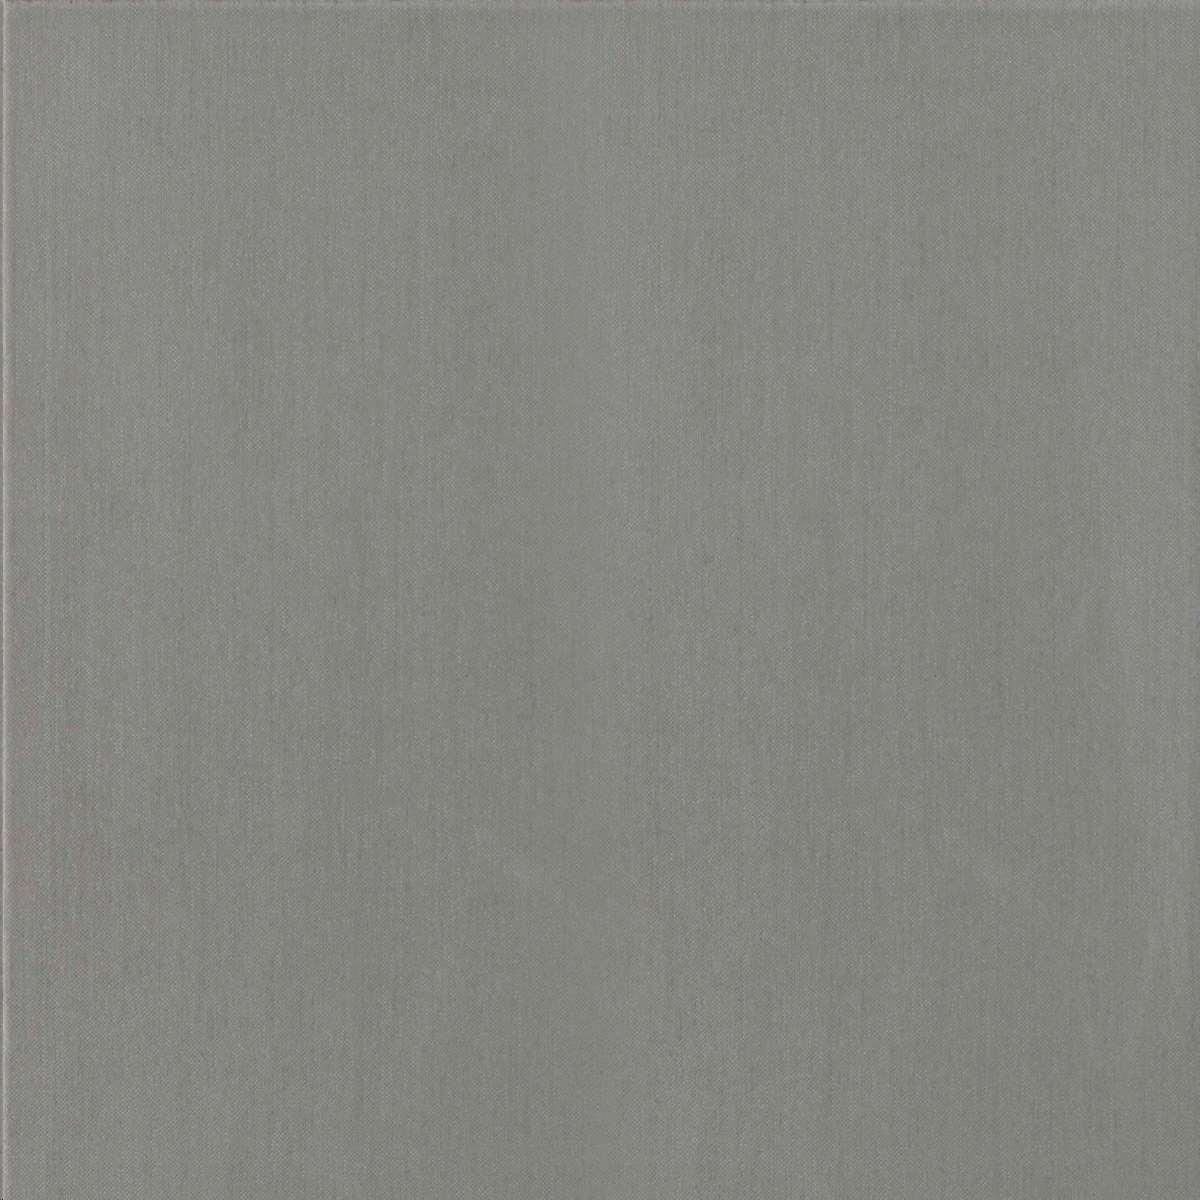 Carrelage azulev unique gris 45 x 45 vente en ligne de for Carrelage gris metallise